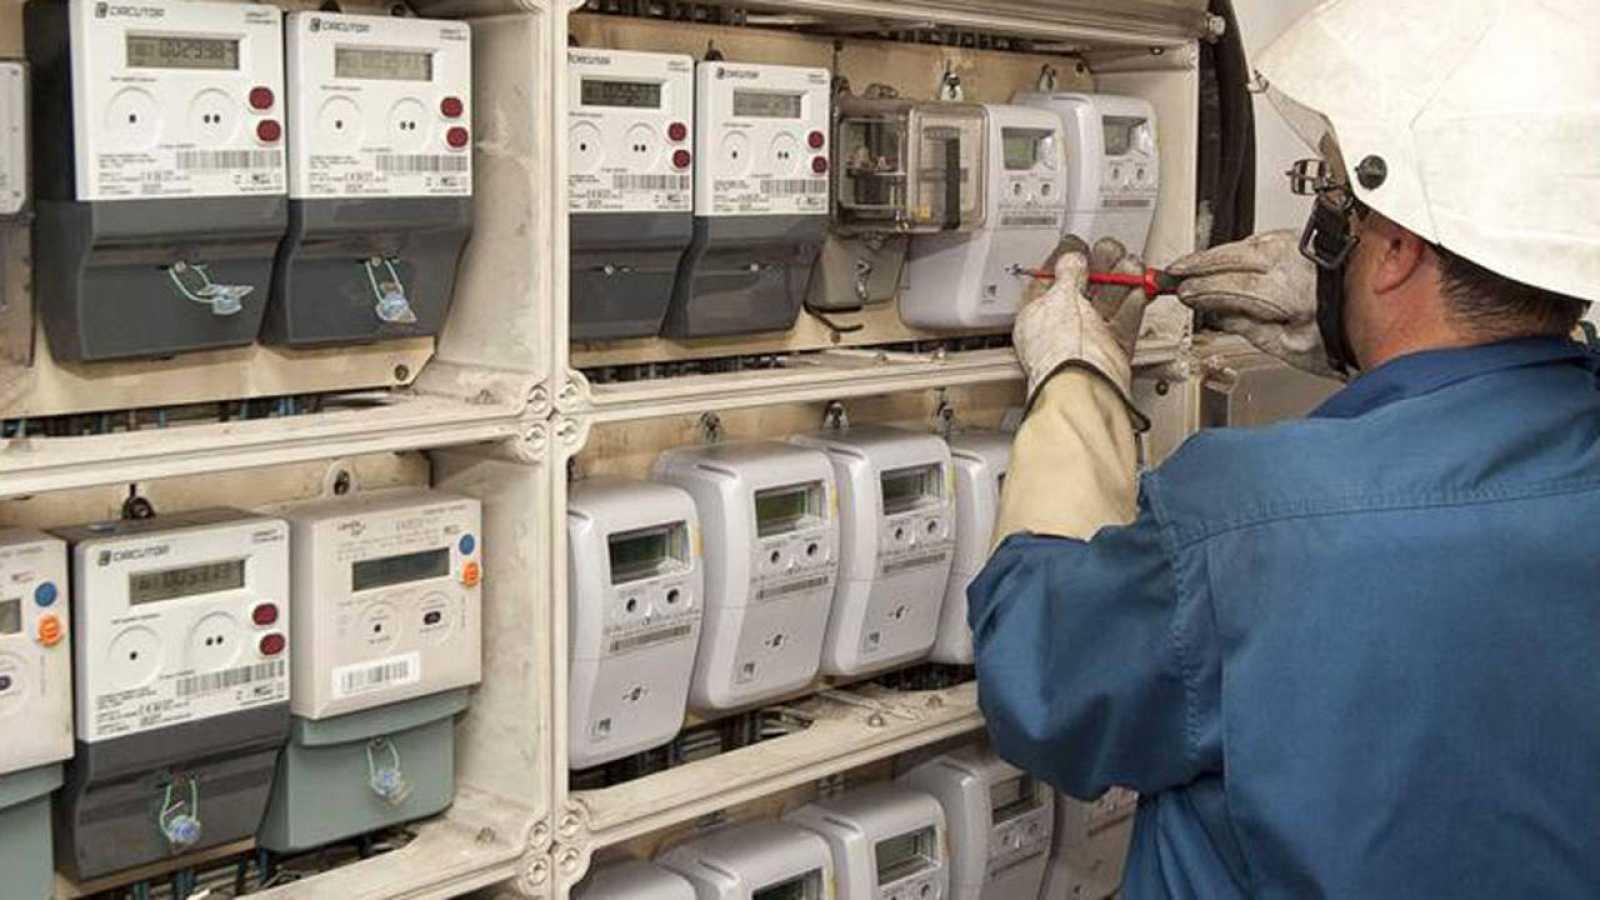 Un técnico instala los nuevos contadores inteligentes para medir el consumo de electricidad